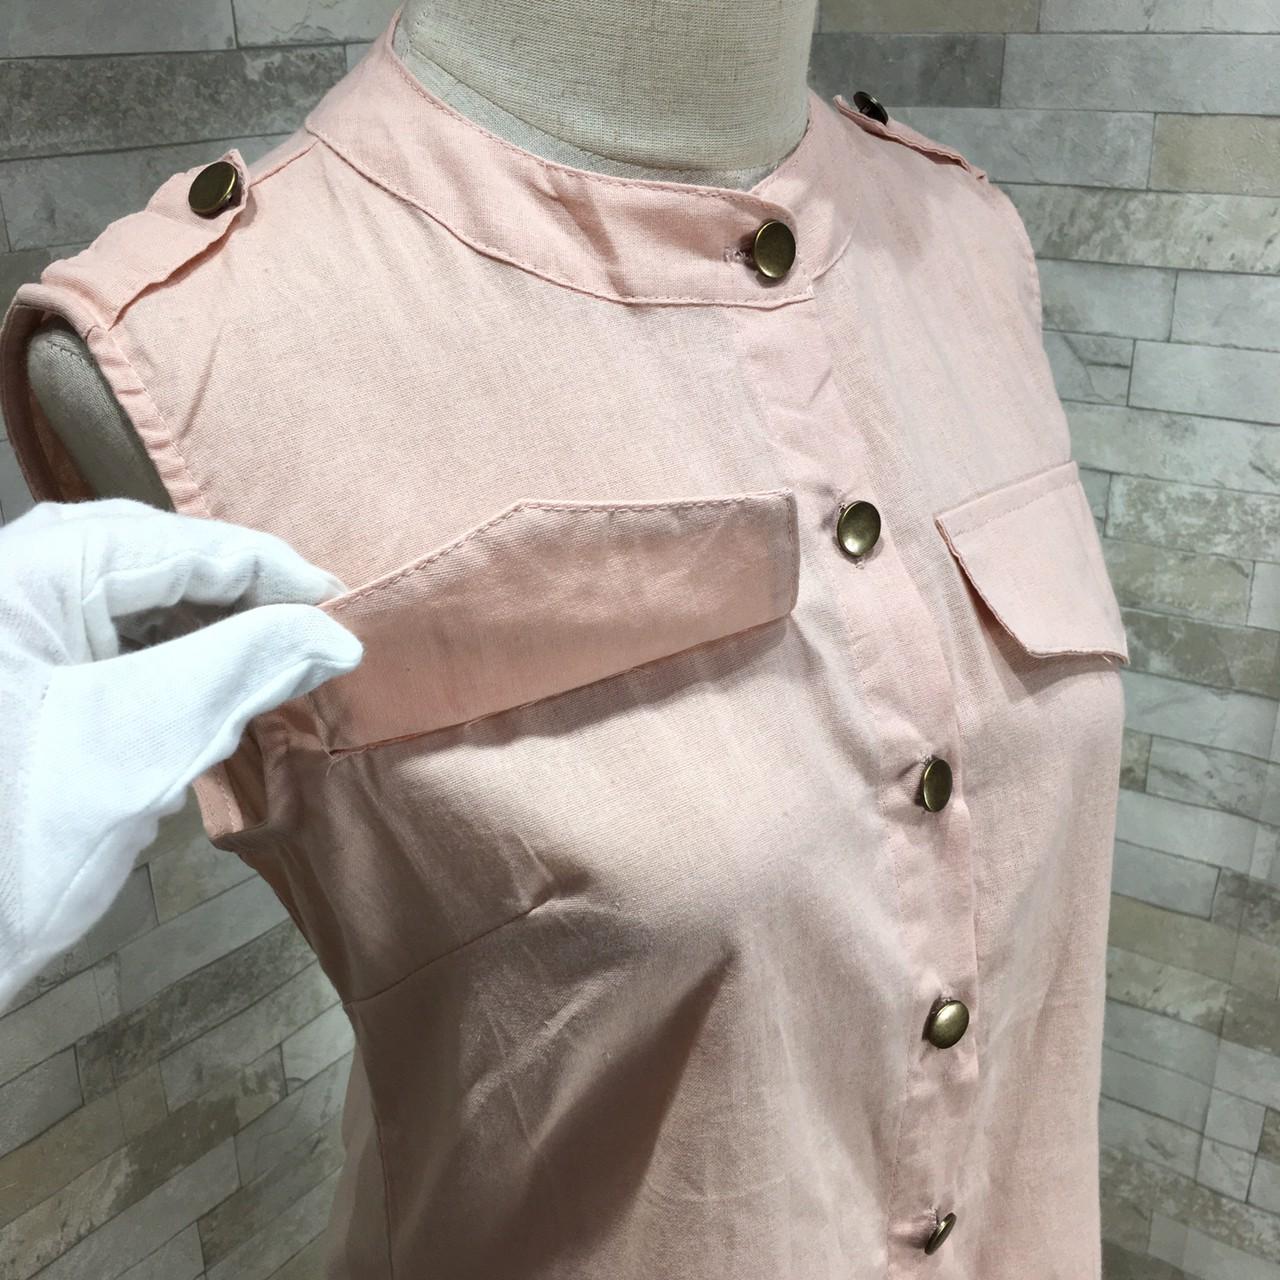 【即納】韓国 ファッション セットアップ 夏 春 カジュアル SPTXF595  バンドカラー フロントボタン ミニワンピース チュールスカート レイヤード オルチャン シンプル 定番 セレカジの写真16枚目